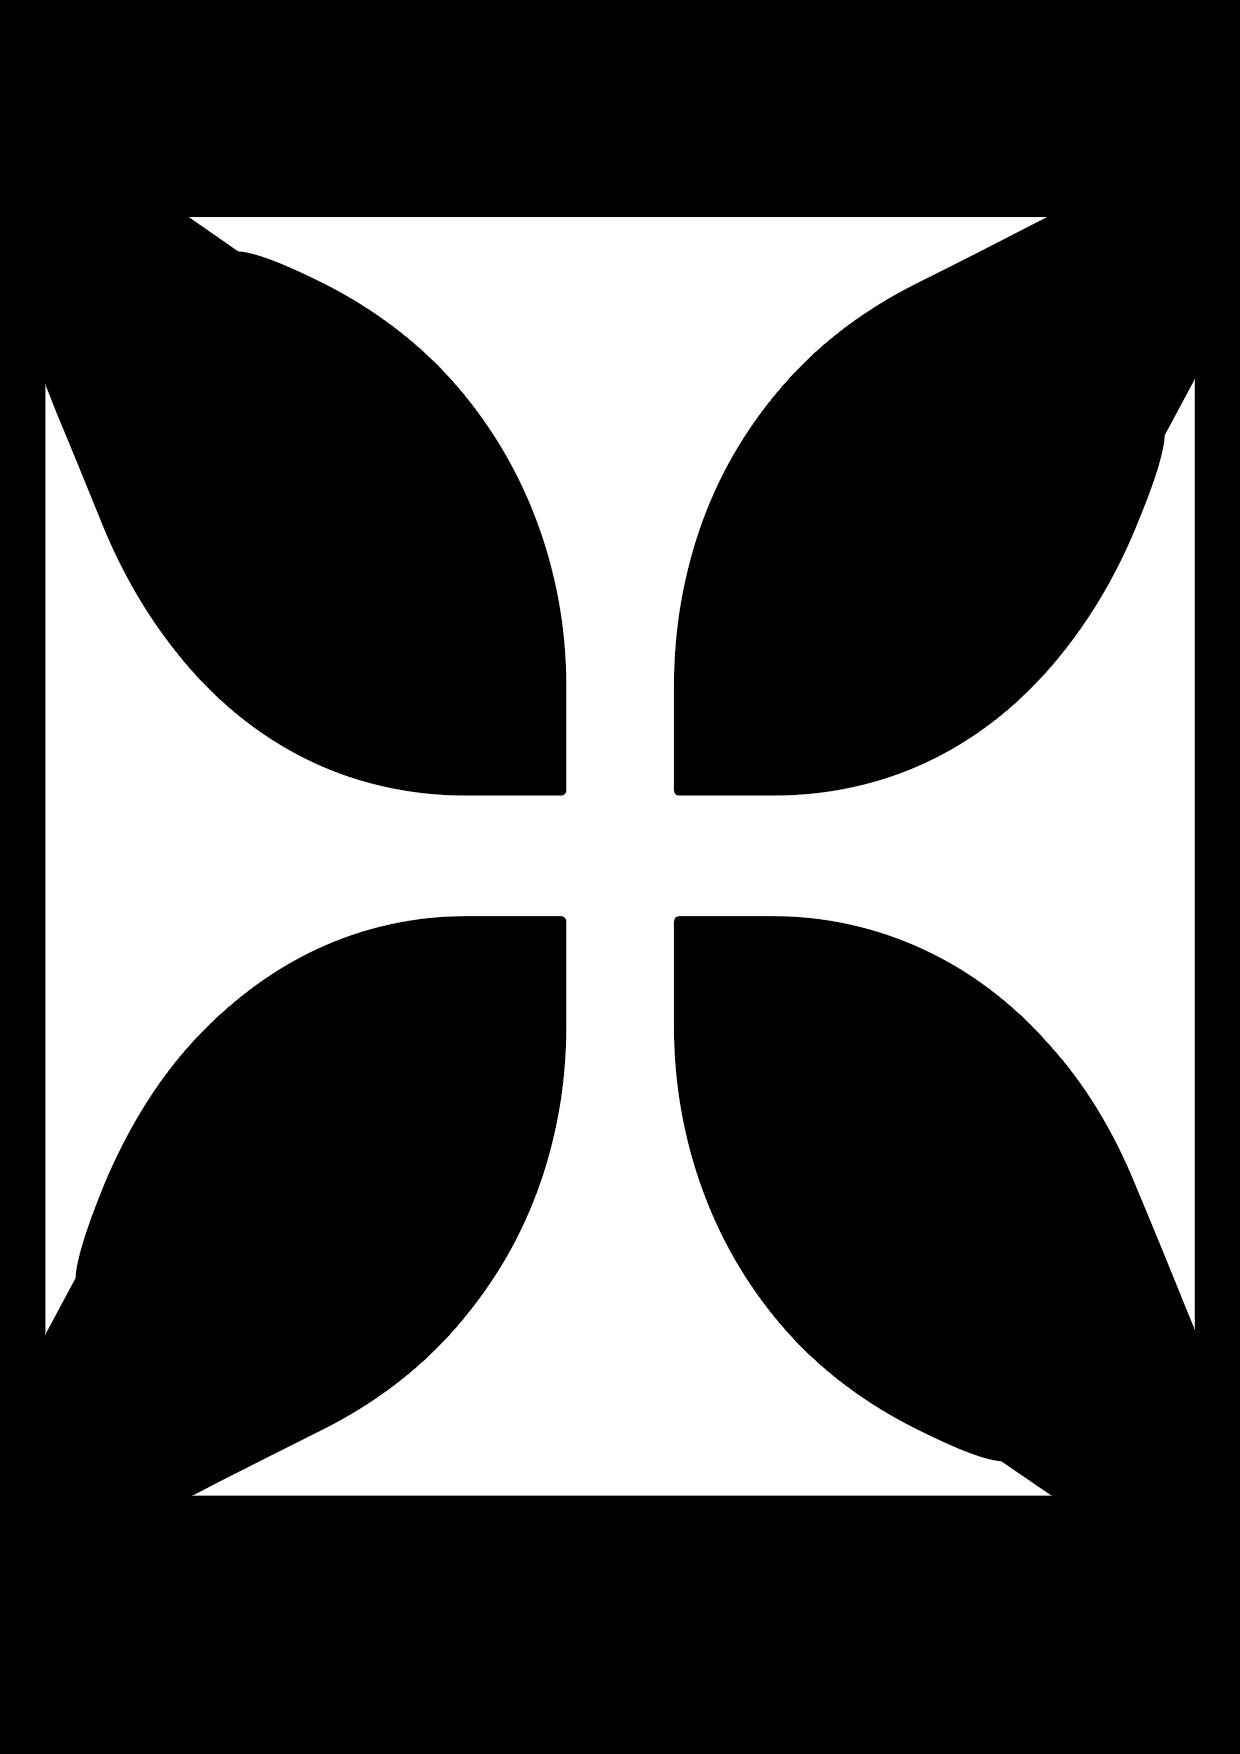 Una cruz medieval para colorear también conocida como patada